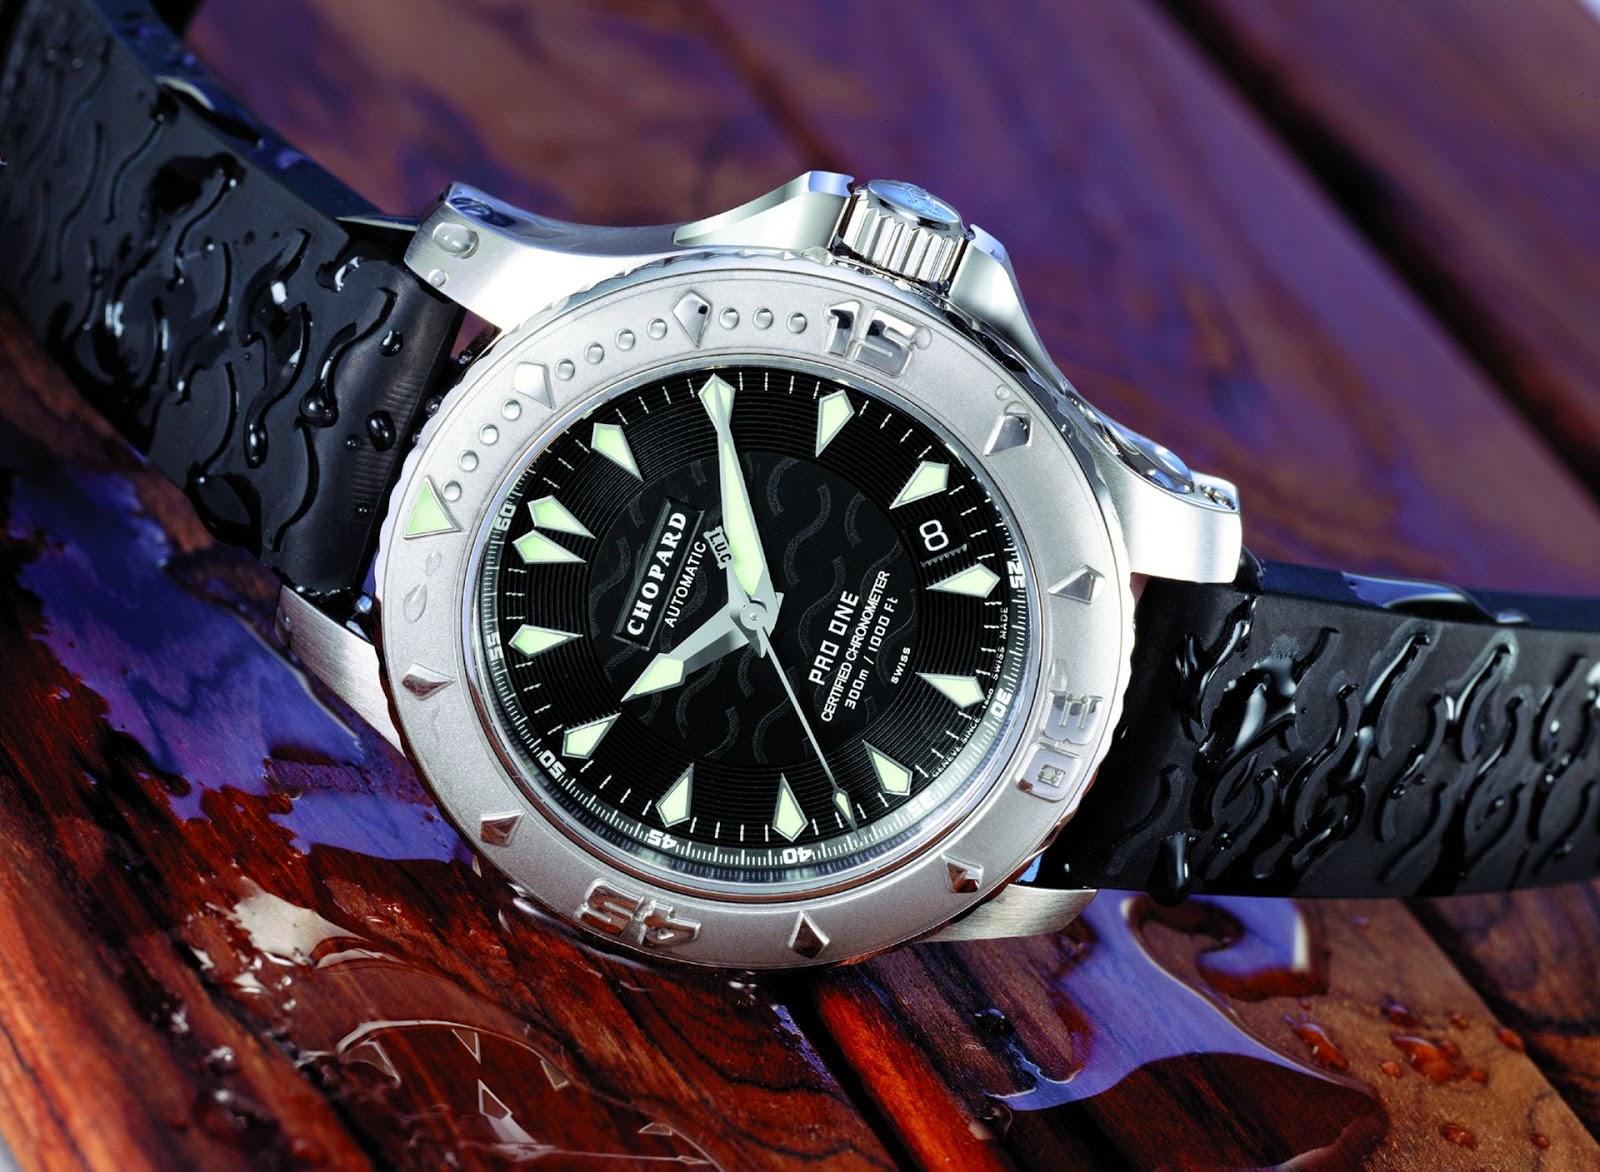 CHOPARD L.U.C Pro One automatic watch